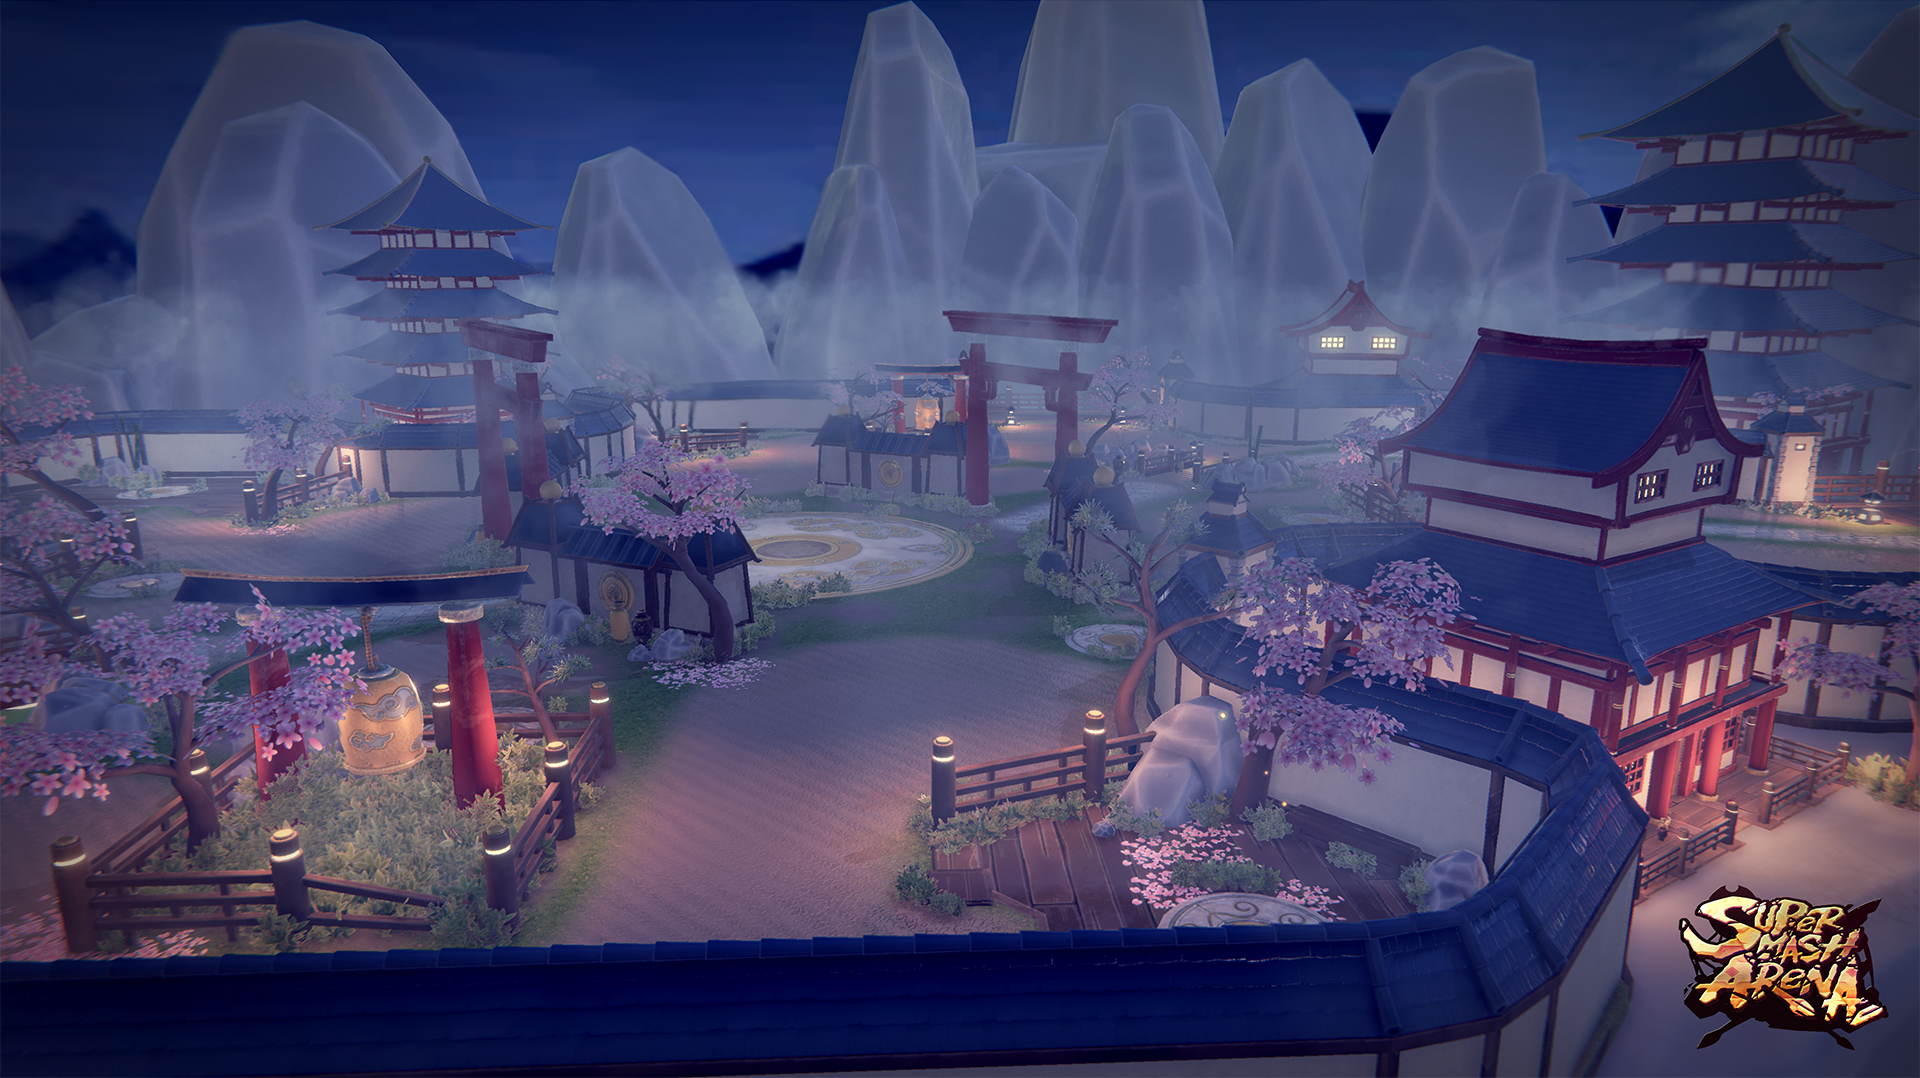 Super Smash Arena (In Development)